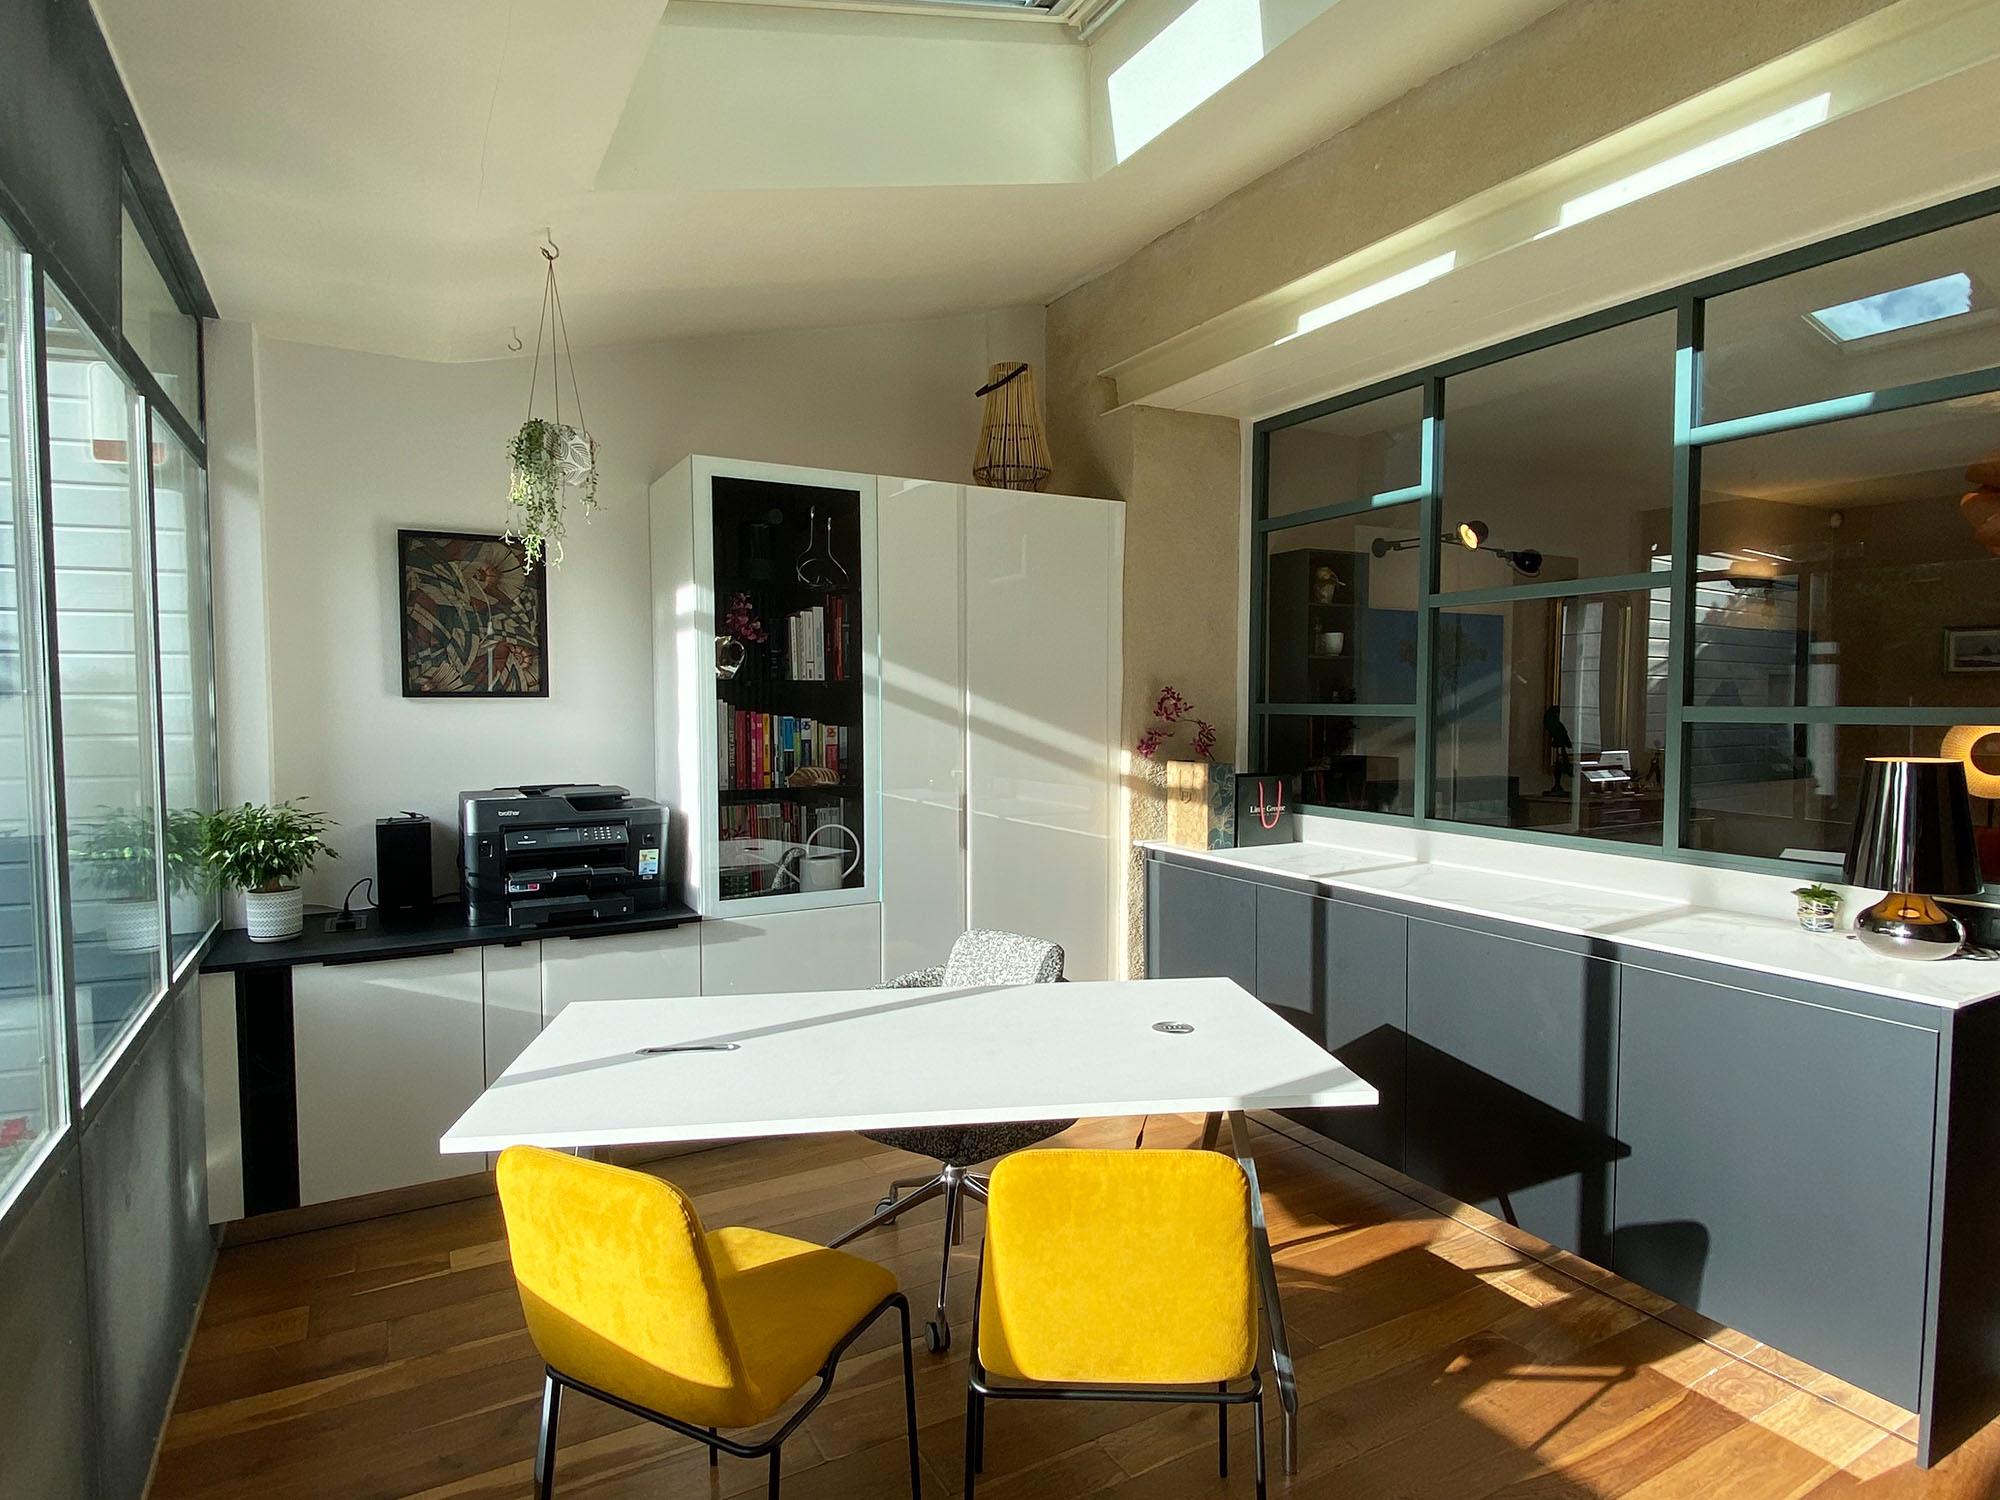 Architecture interieur showroom agencement ls studio architecte intérieur vannes